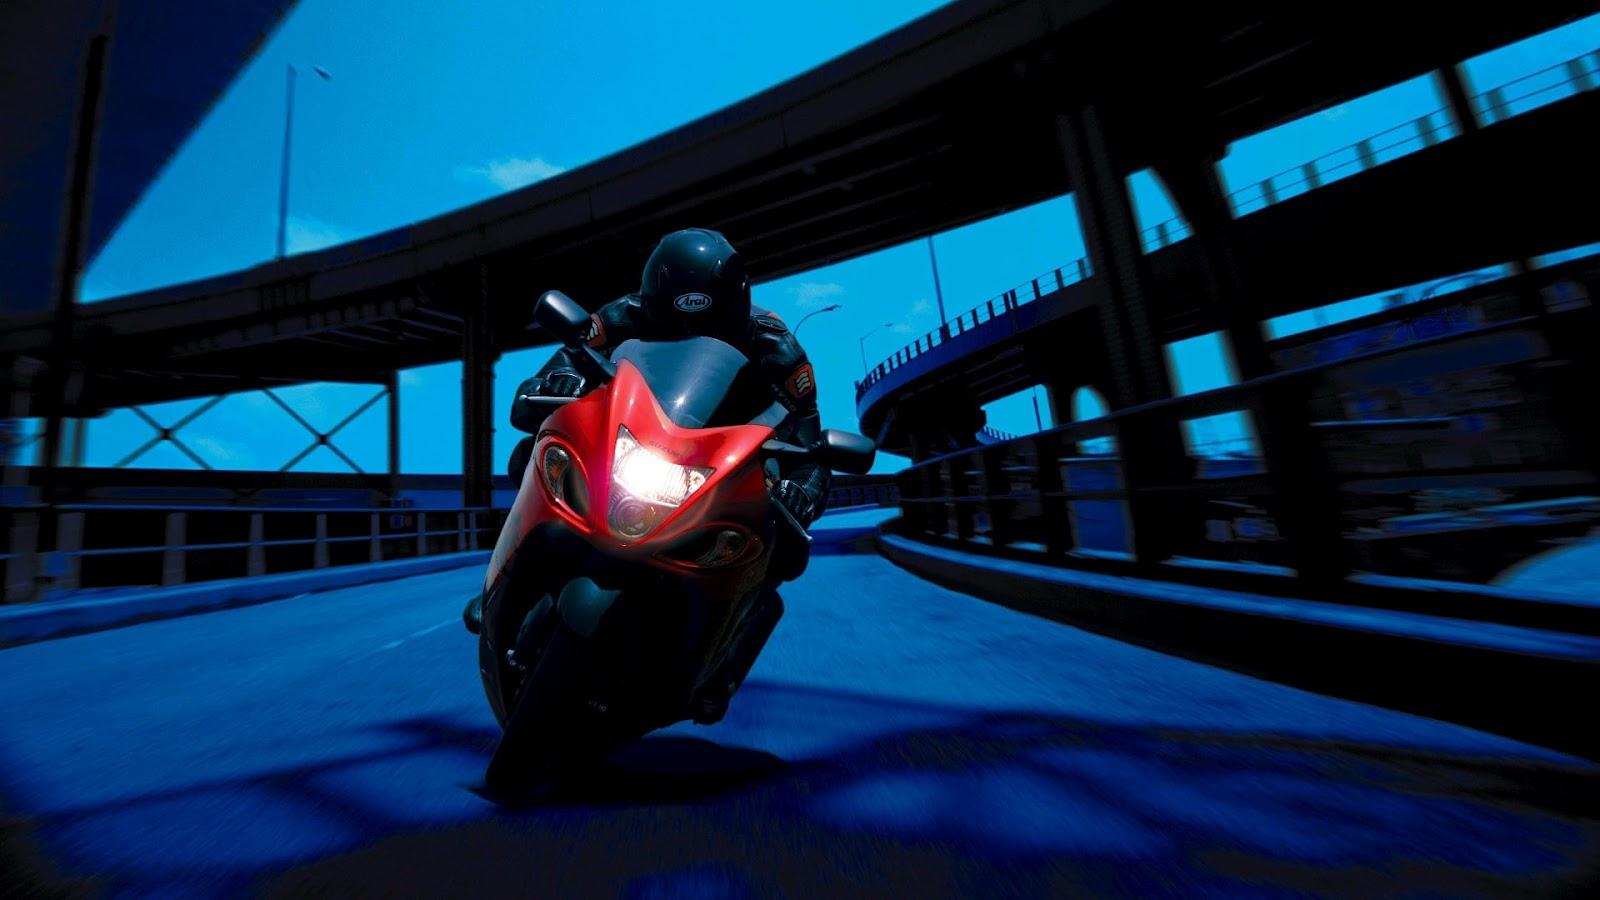 http://1.bp.blogspot.com/-4TCMTsgRWnw/UFlQSgGL5oI/AAAAAAAAB6Q/kNe4pKaJpMo/s1600/night_bike_ride-1920x1080.jpg